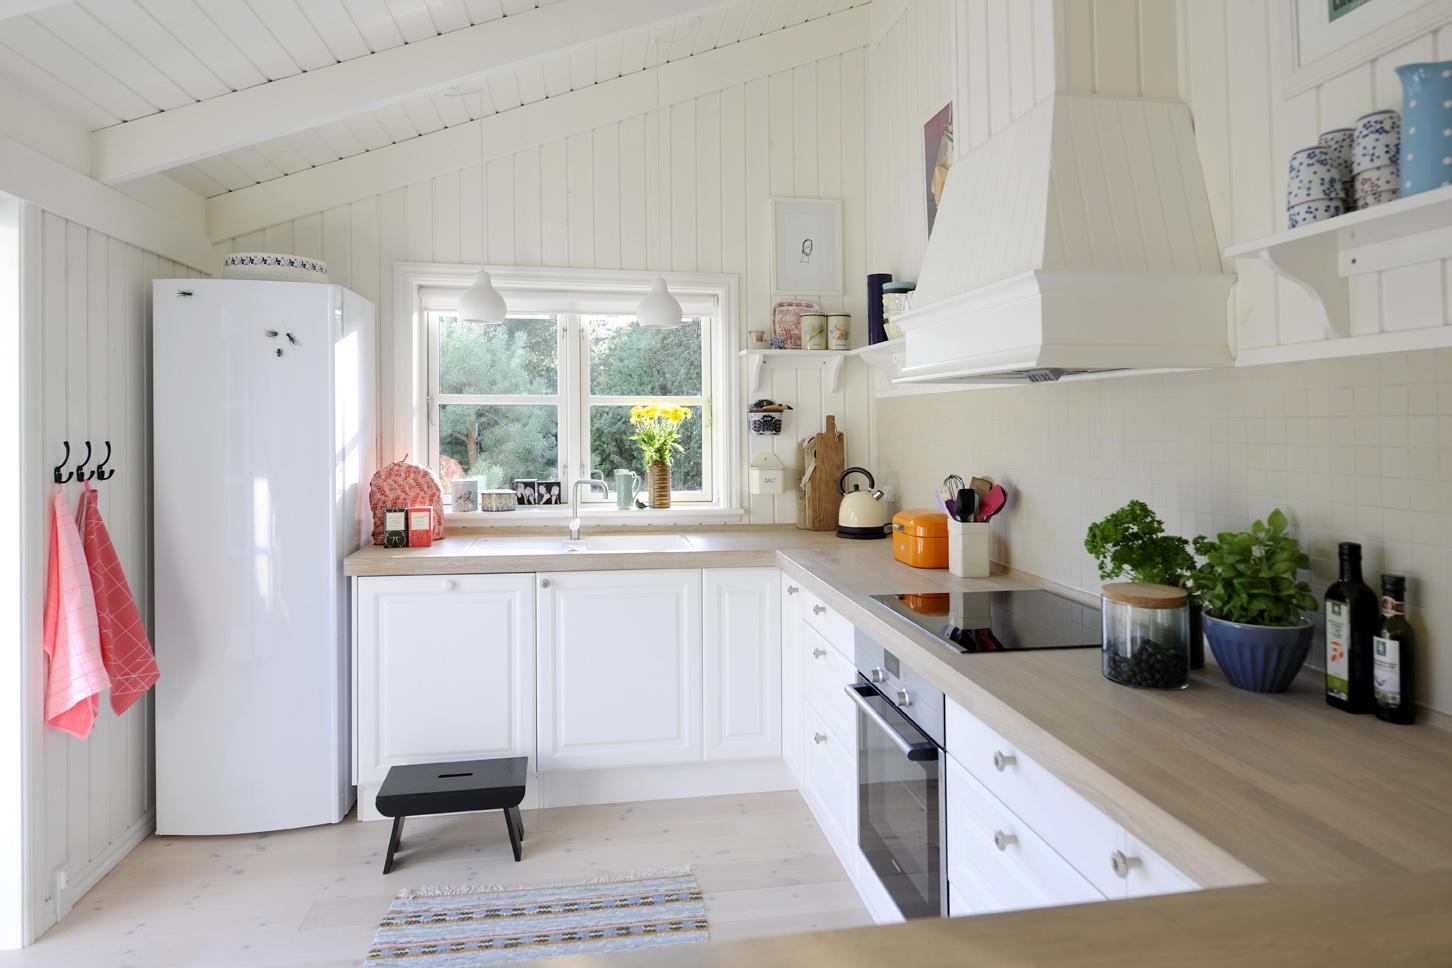 Luminoso interior de una casa de verano danesa blog tienda decoraci n estilo n rdico - Blog de decoracion de interiores ...